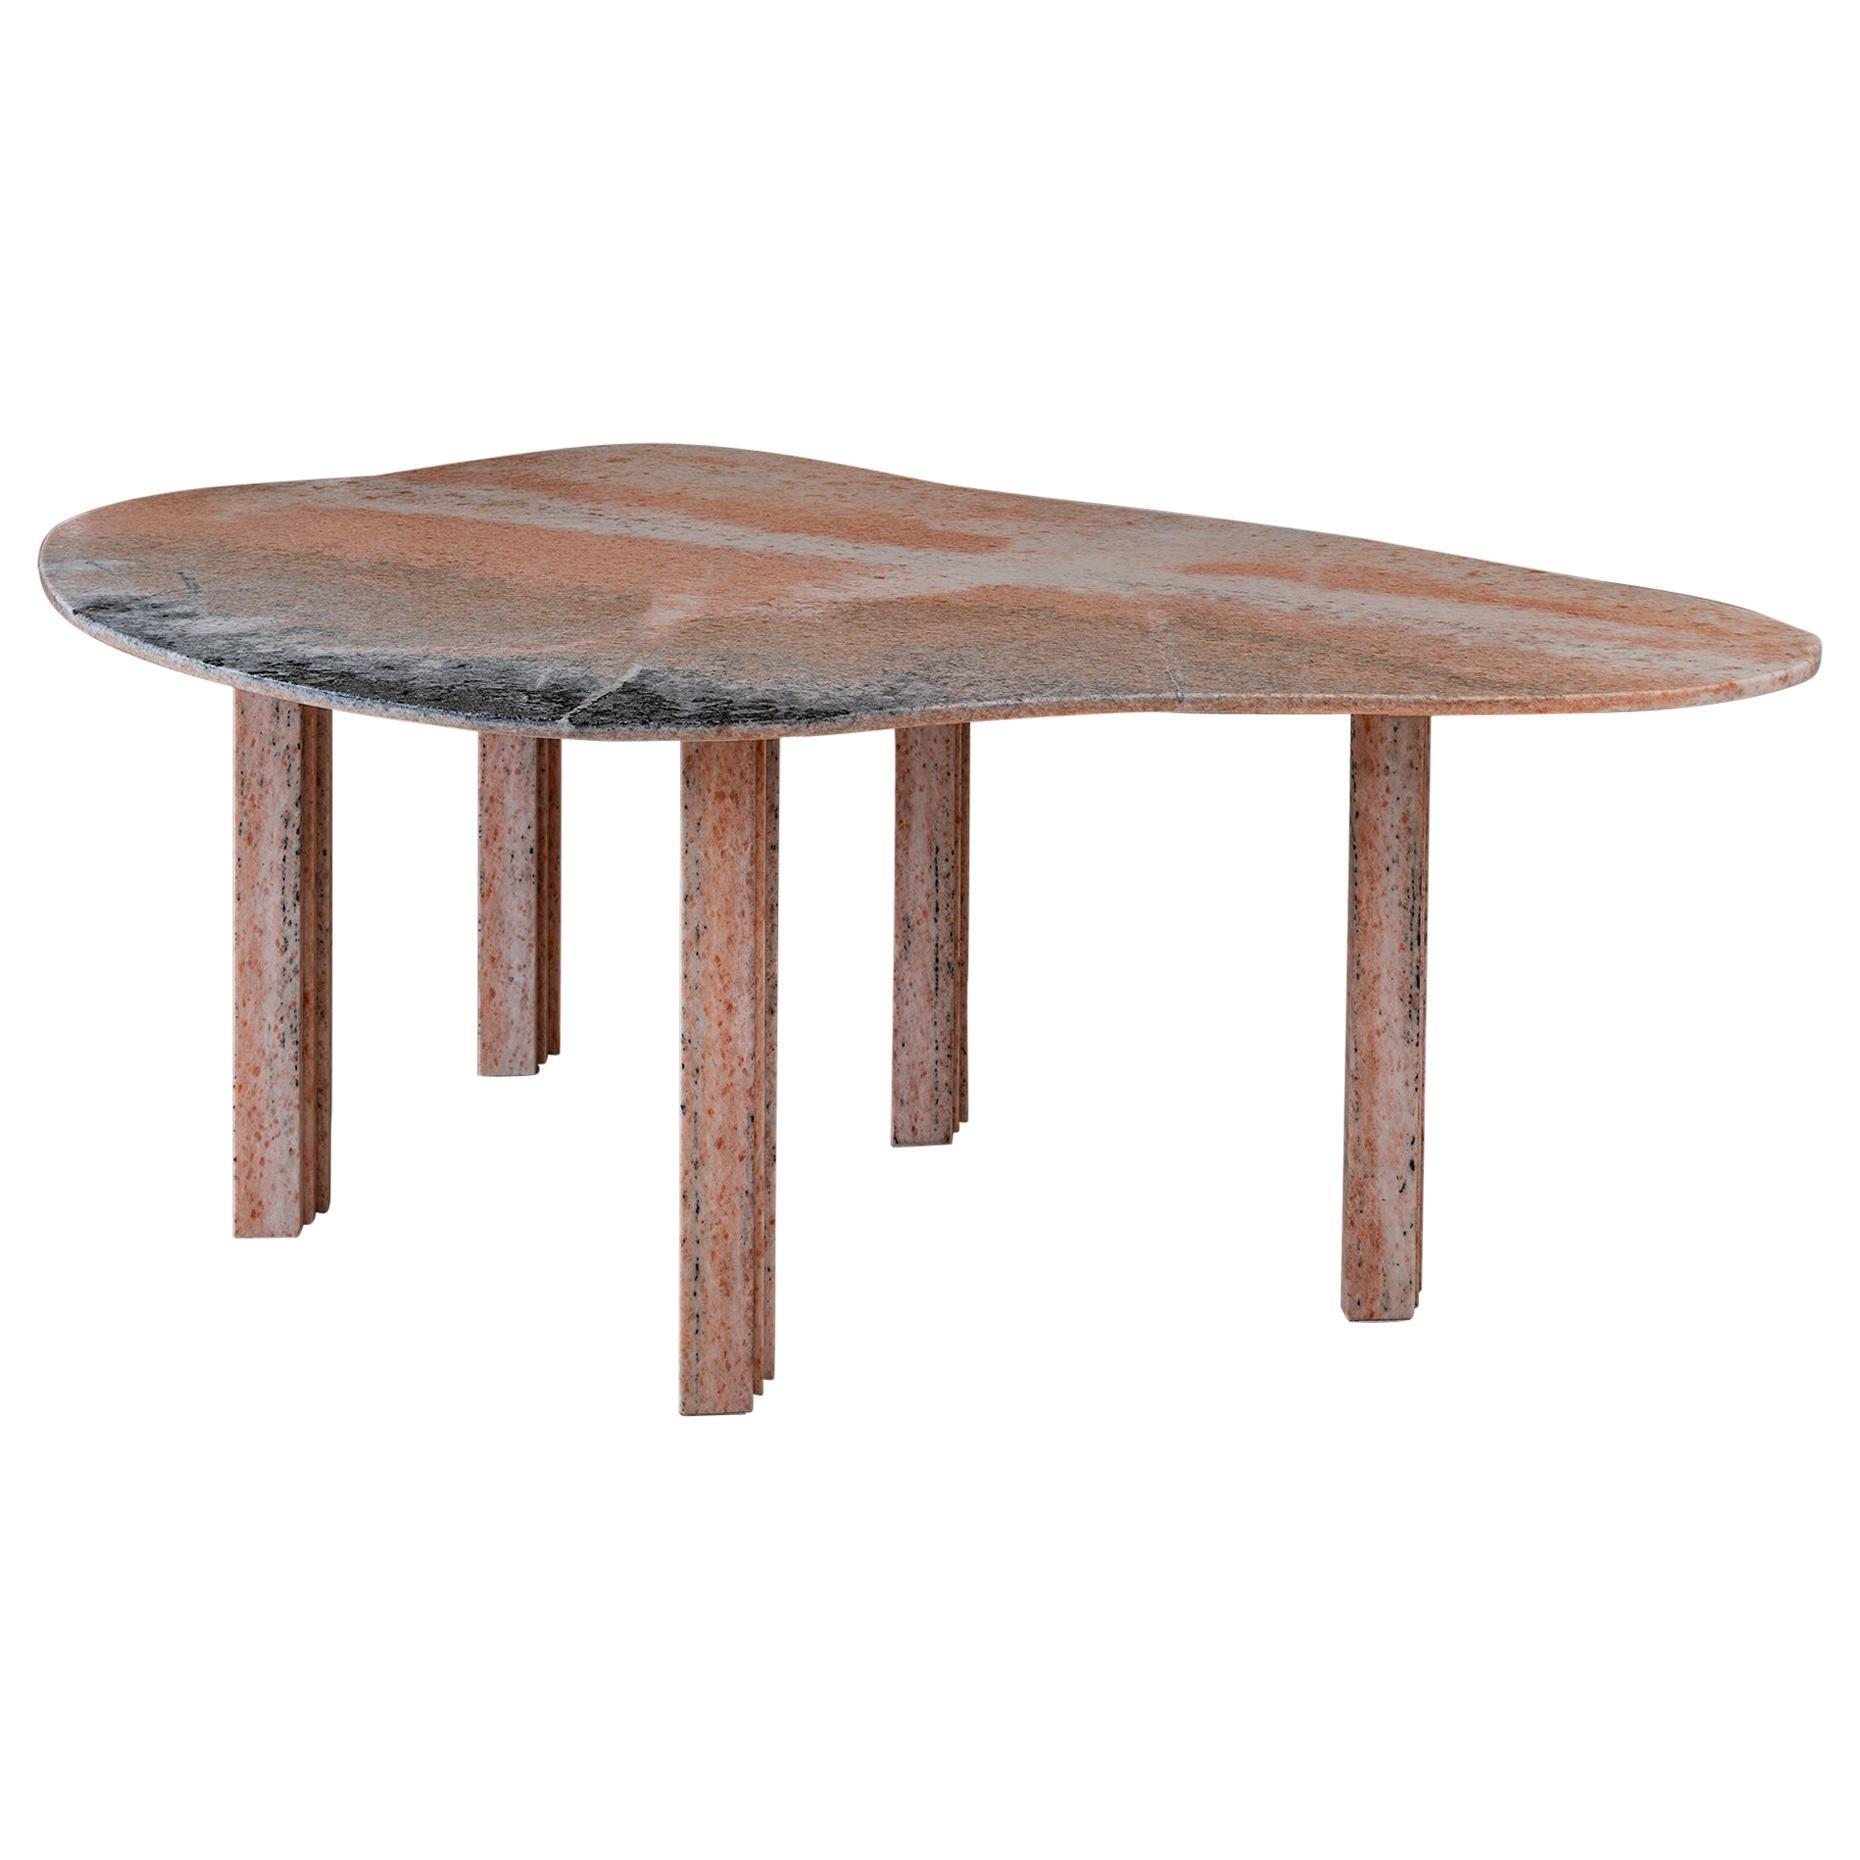 Sculptural Pear Marble Coffee Table, Lorenzo Bini